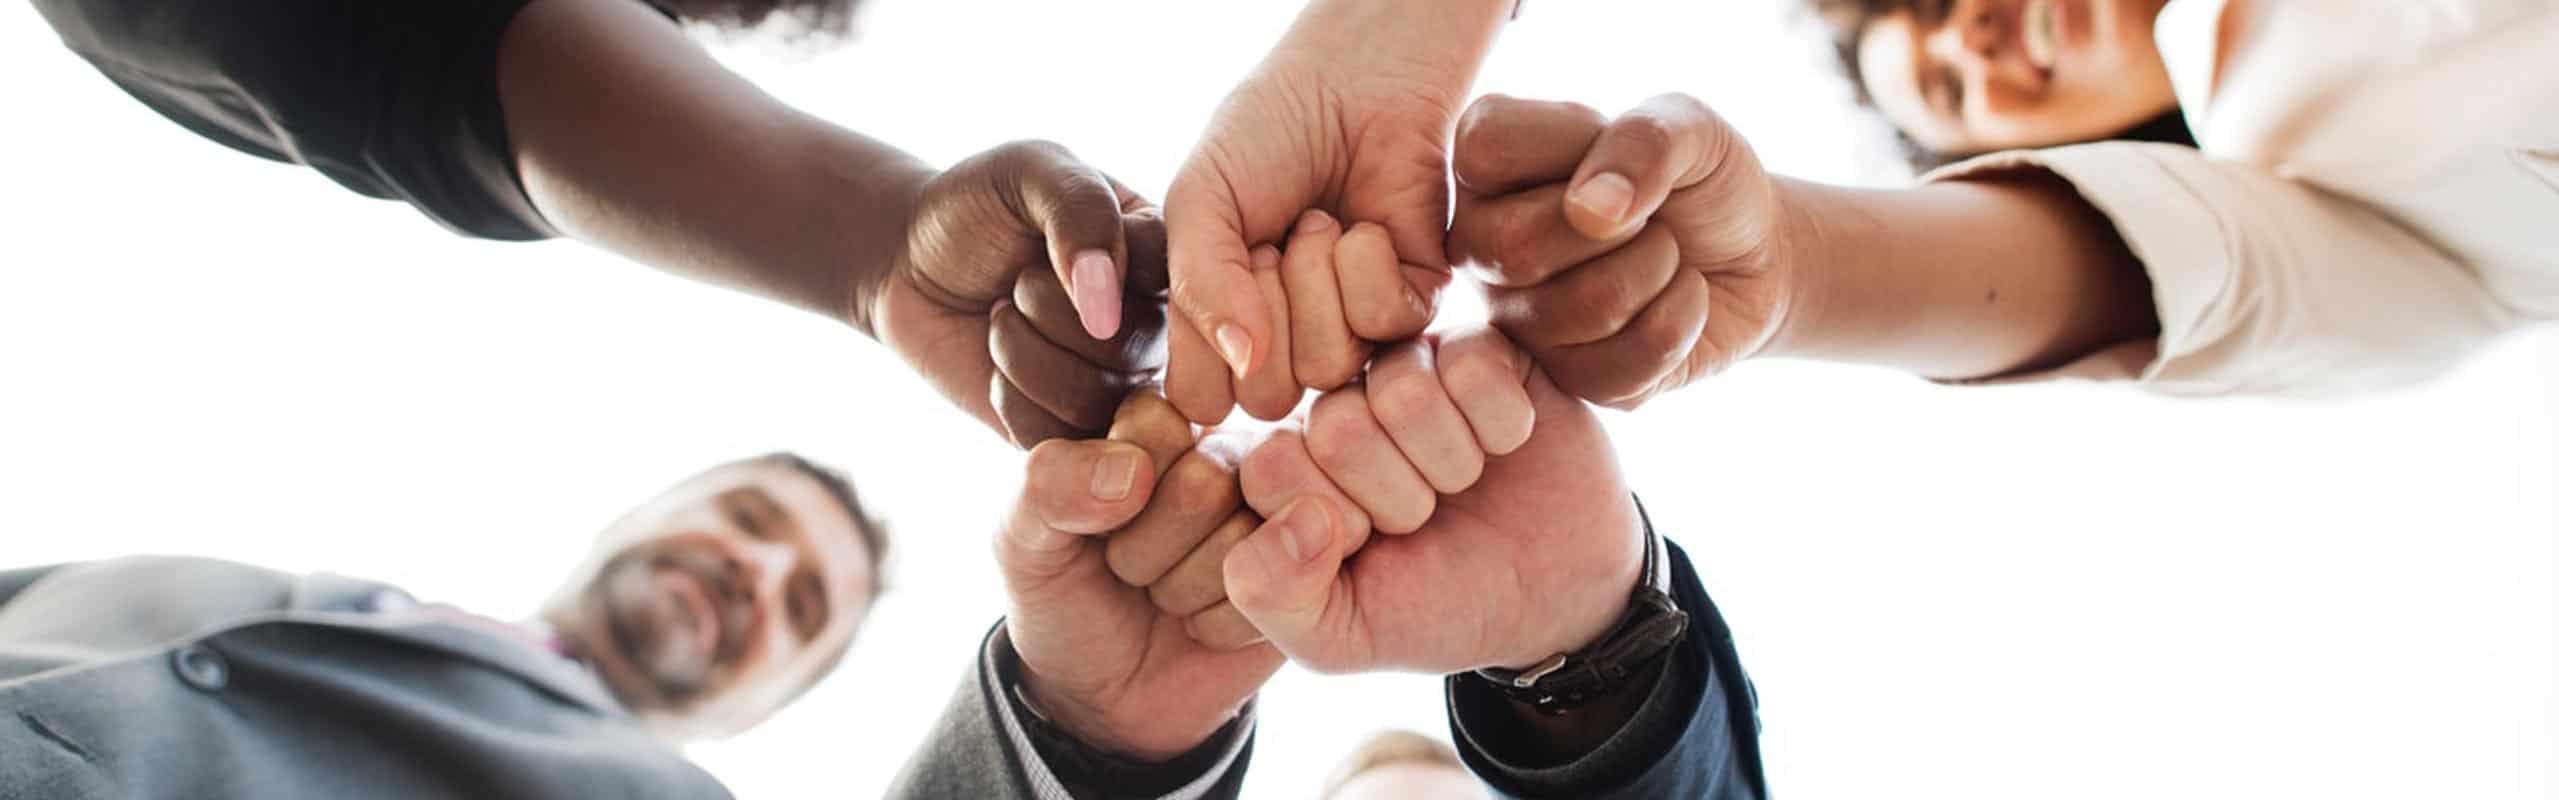 Descubre qué es el team work y cómo potenciarlo en tu trabajo